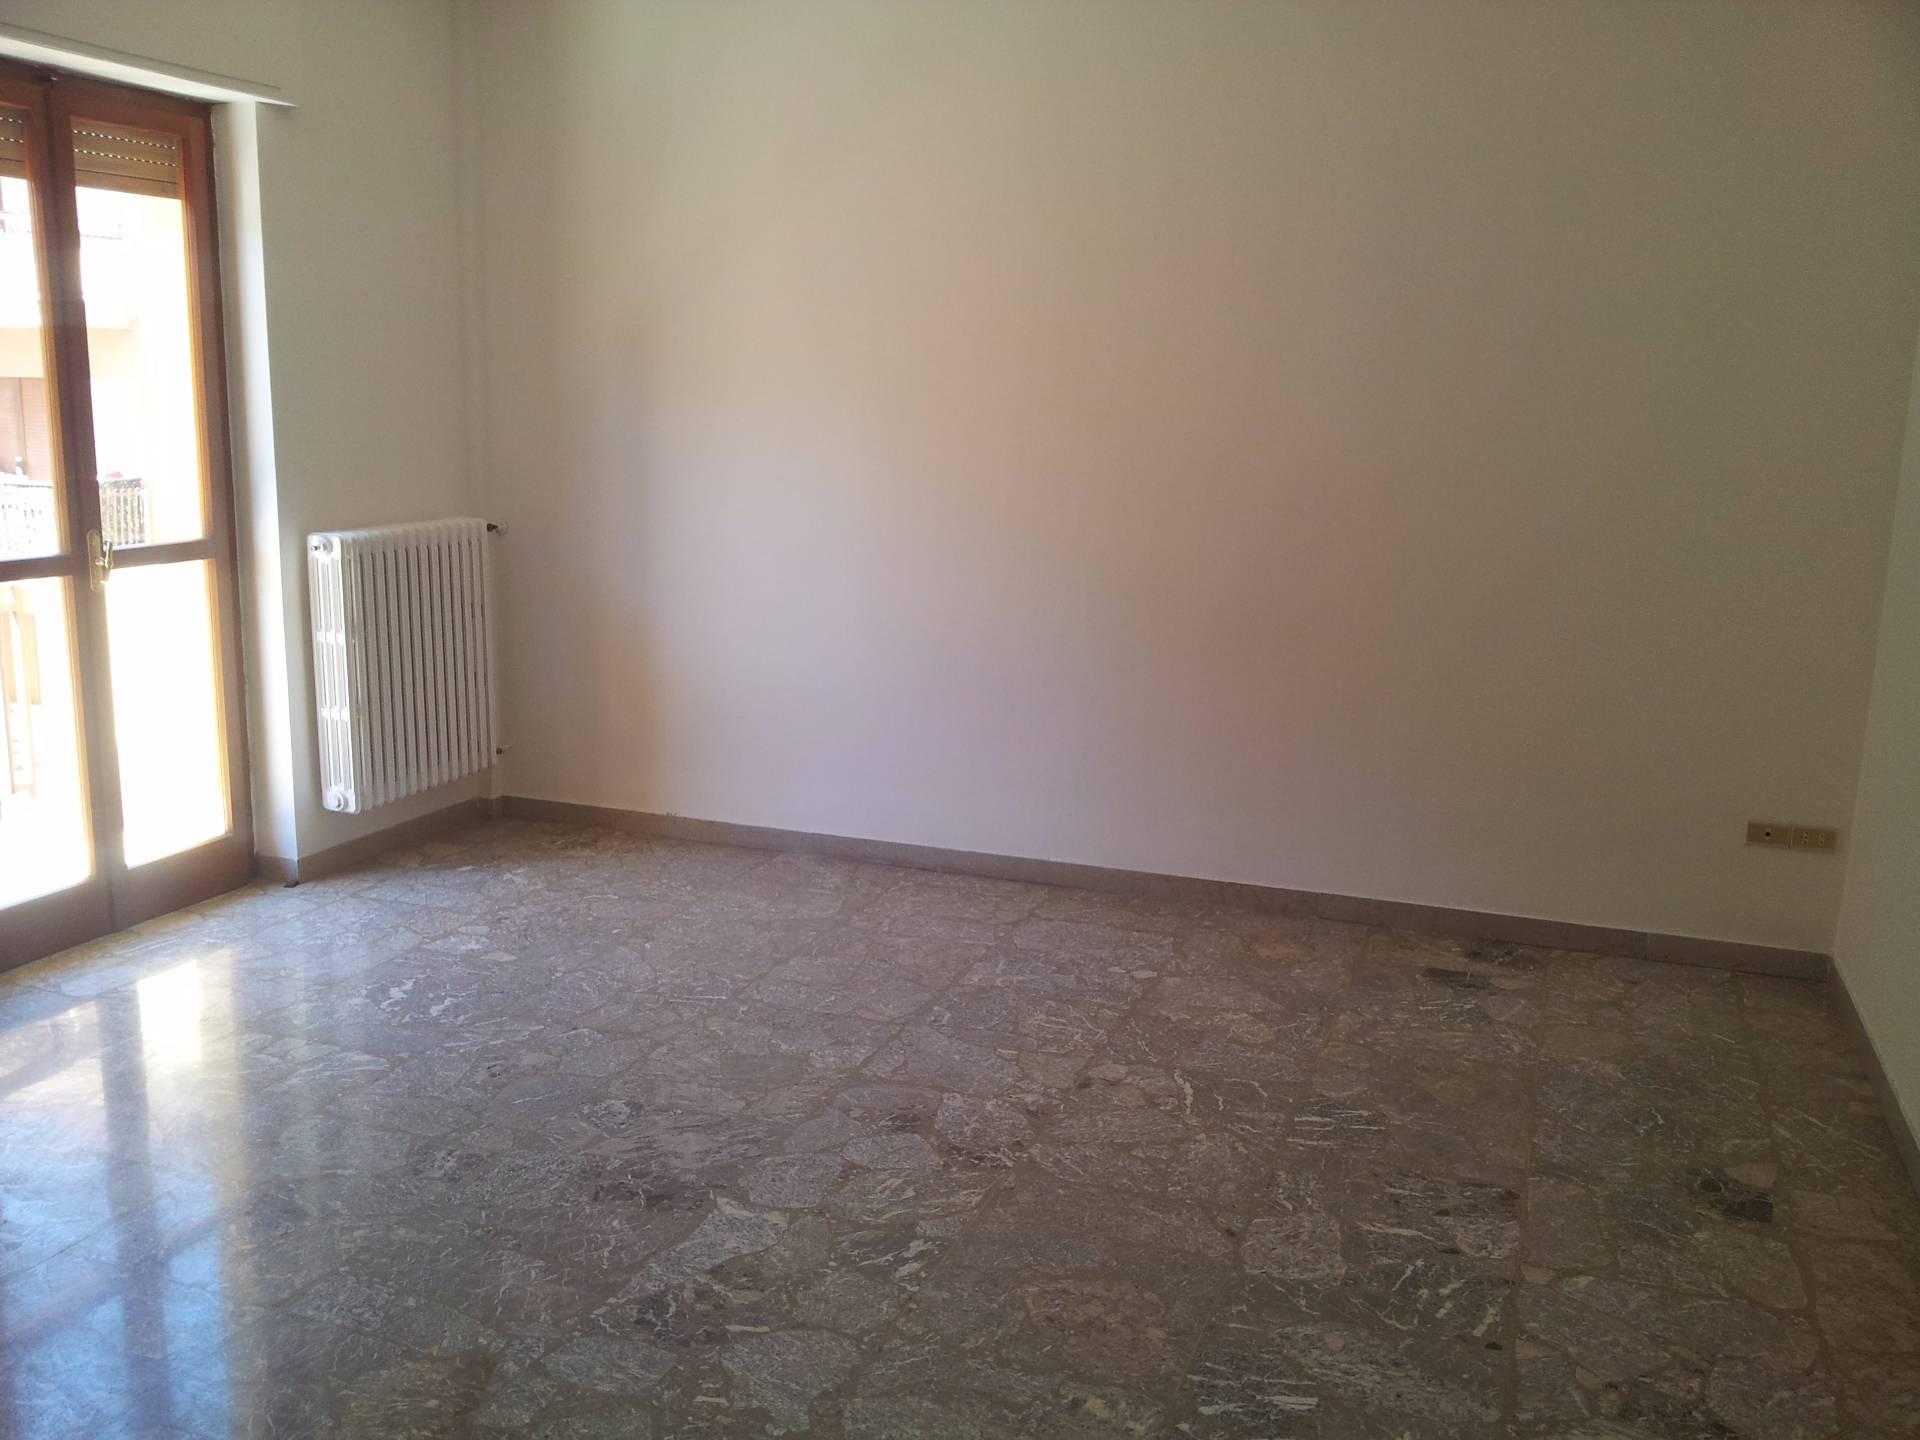 Appartamento in affitto a Lanciano, 6 locali, prezzo € 180 | Cambio Casa.it